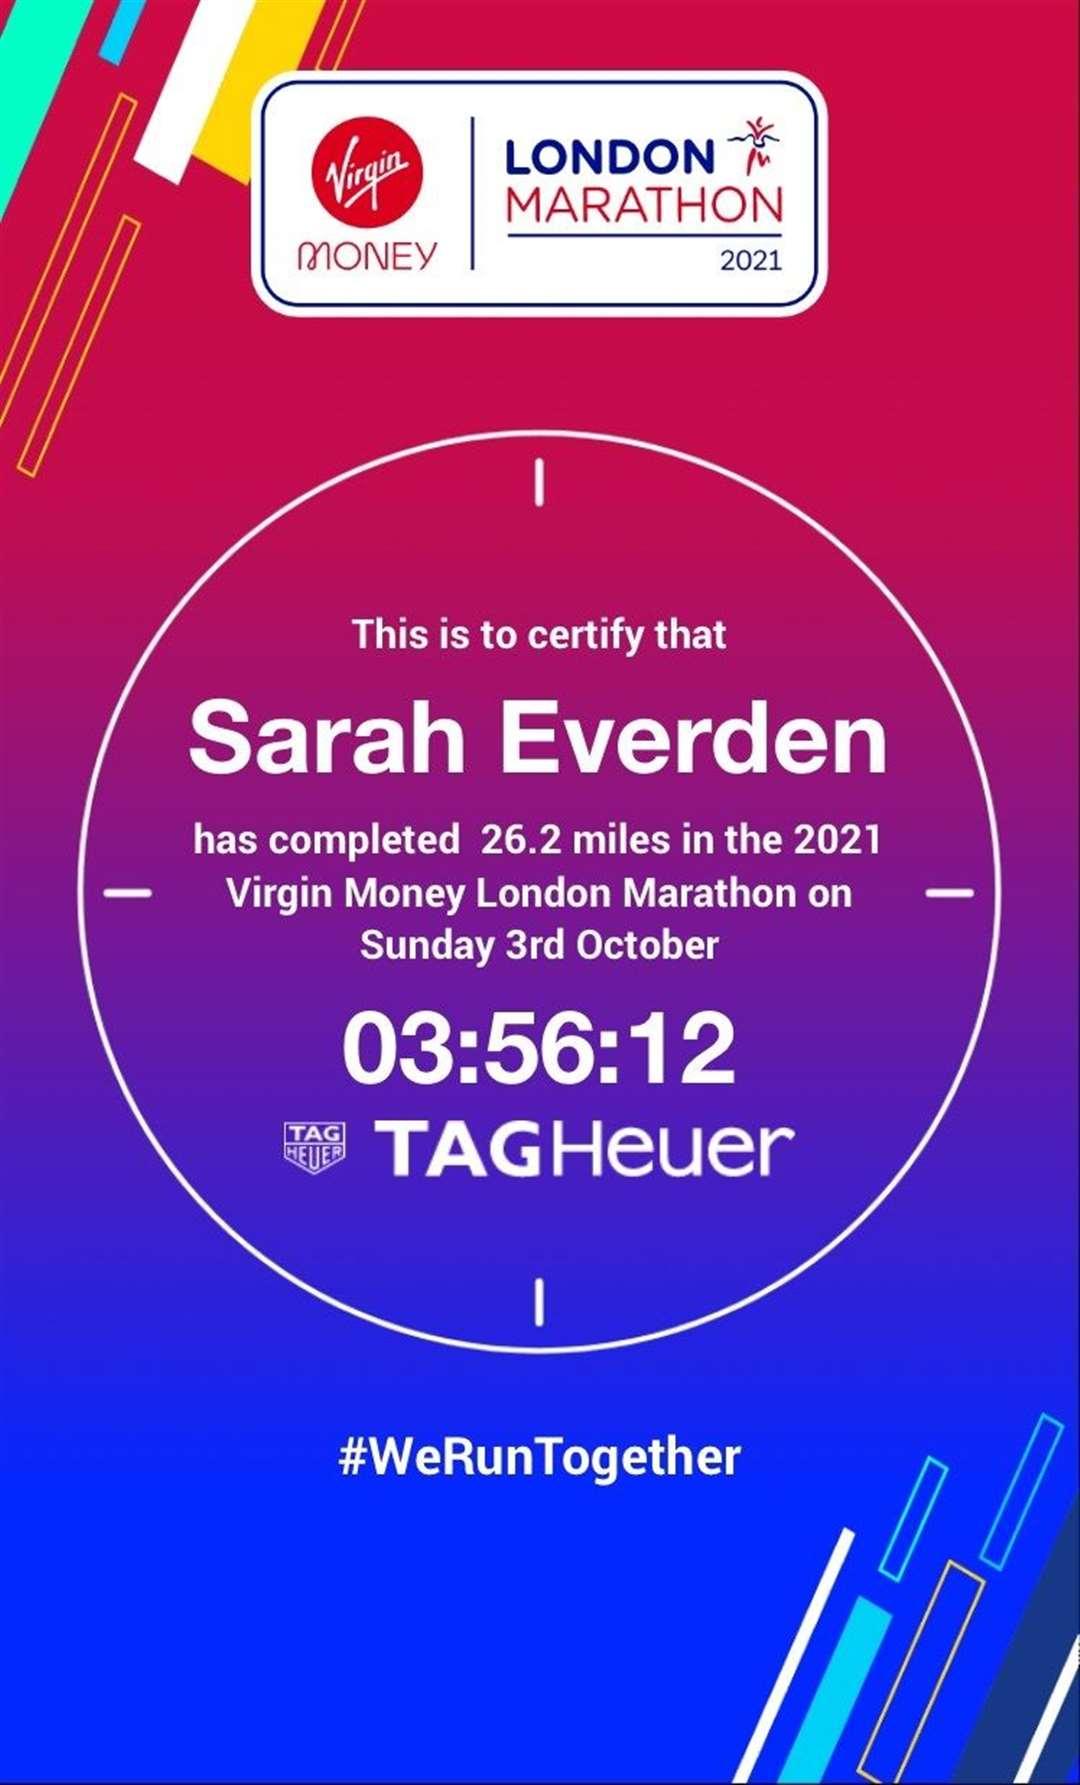 Sarah Everden